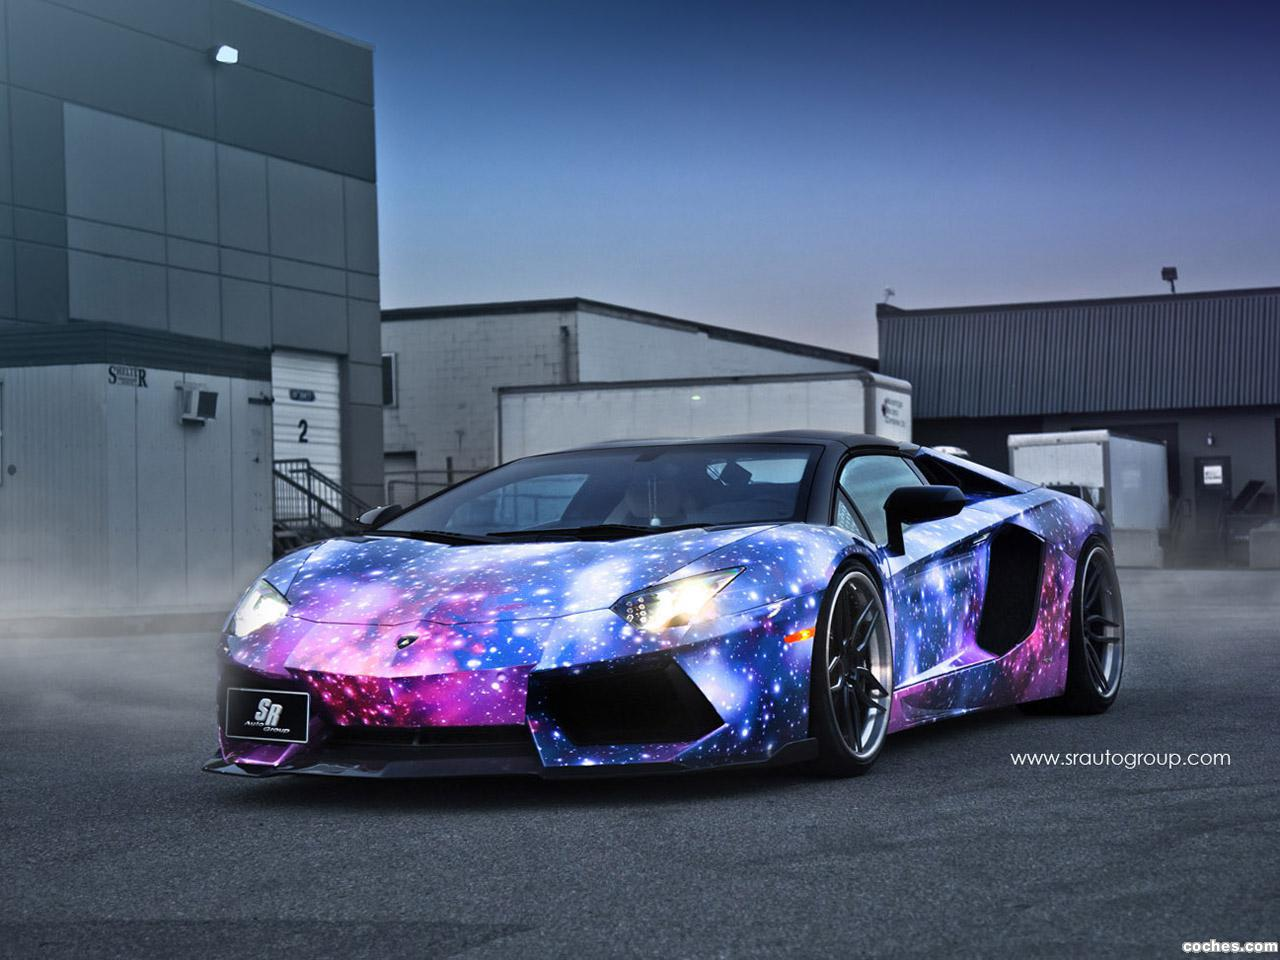 Best Car Paint Ideas